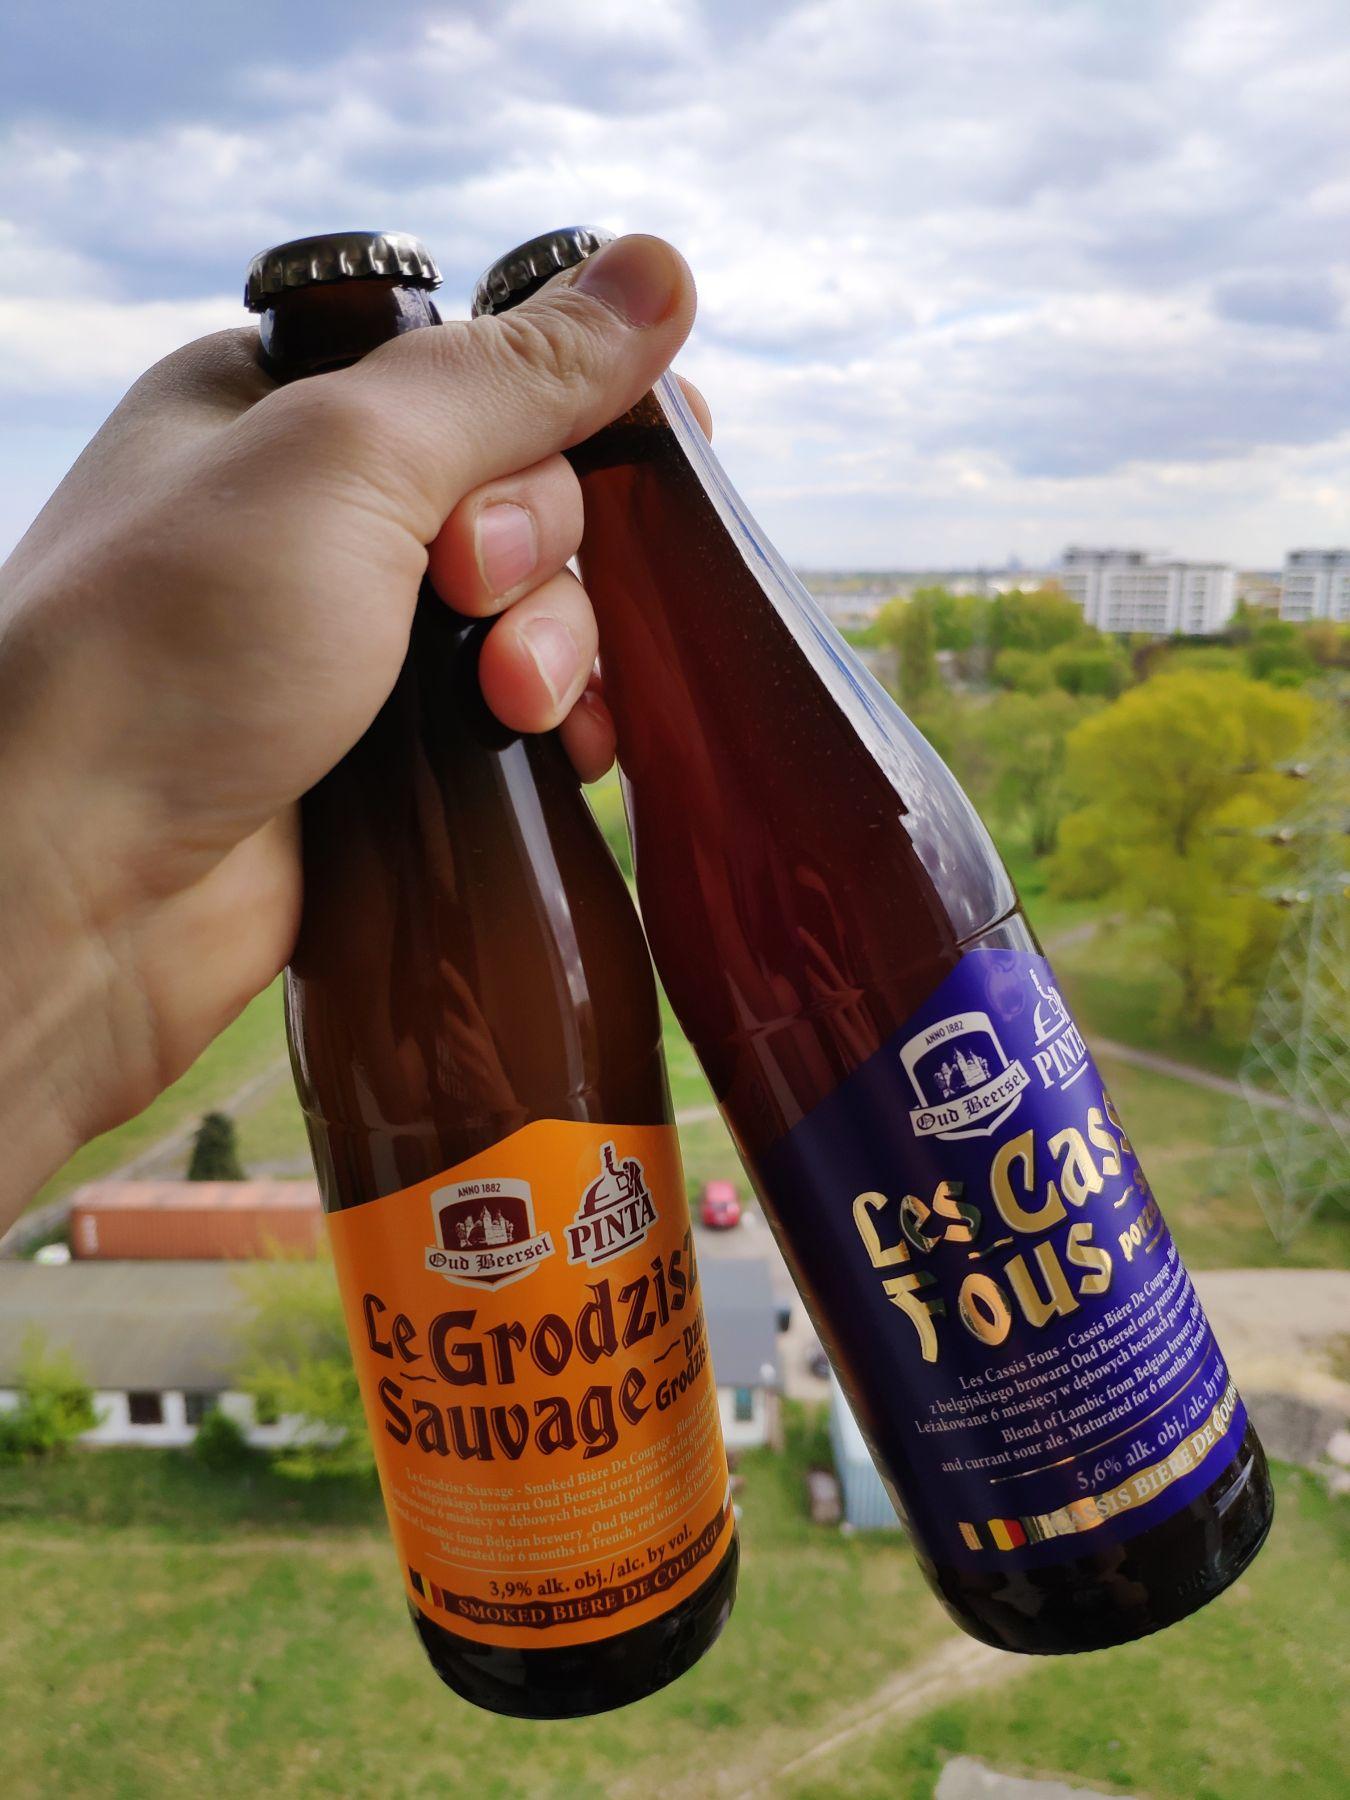 Le Grodzisz Sauvage / Le Casis Fous